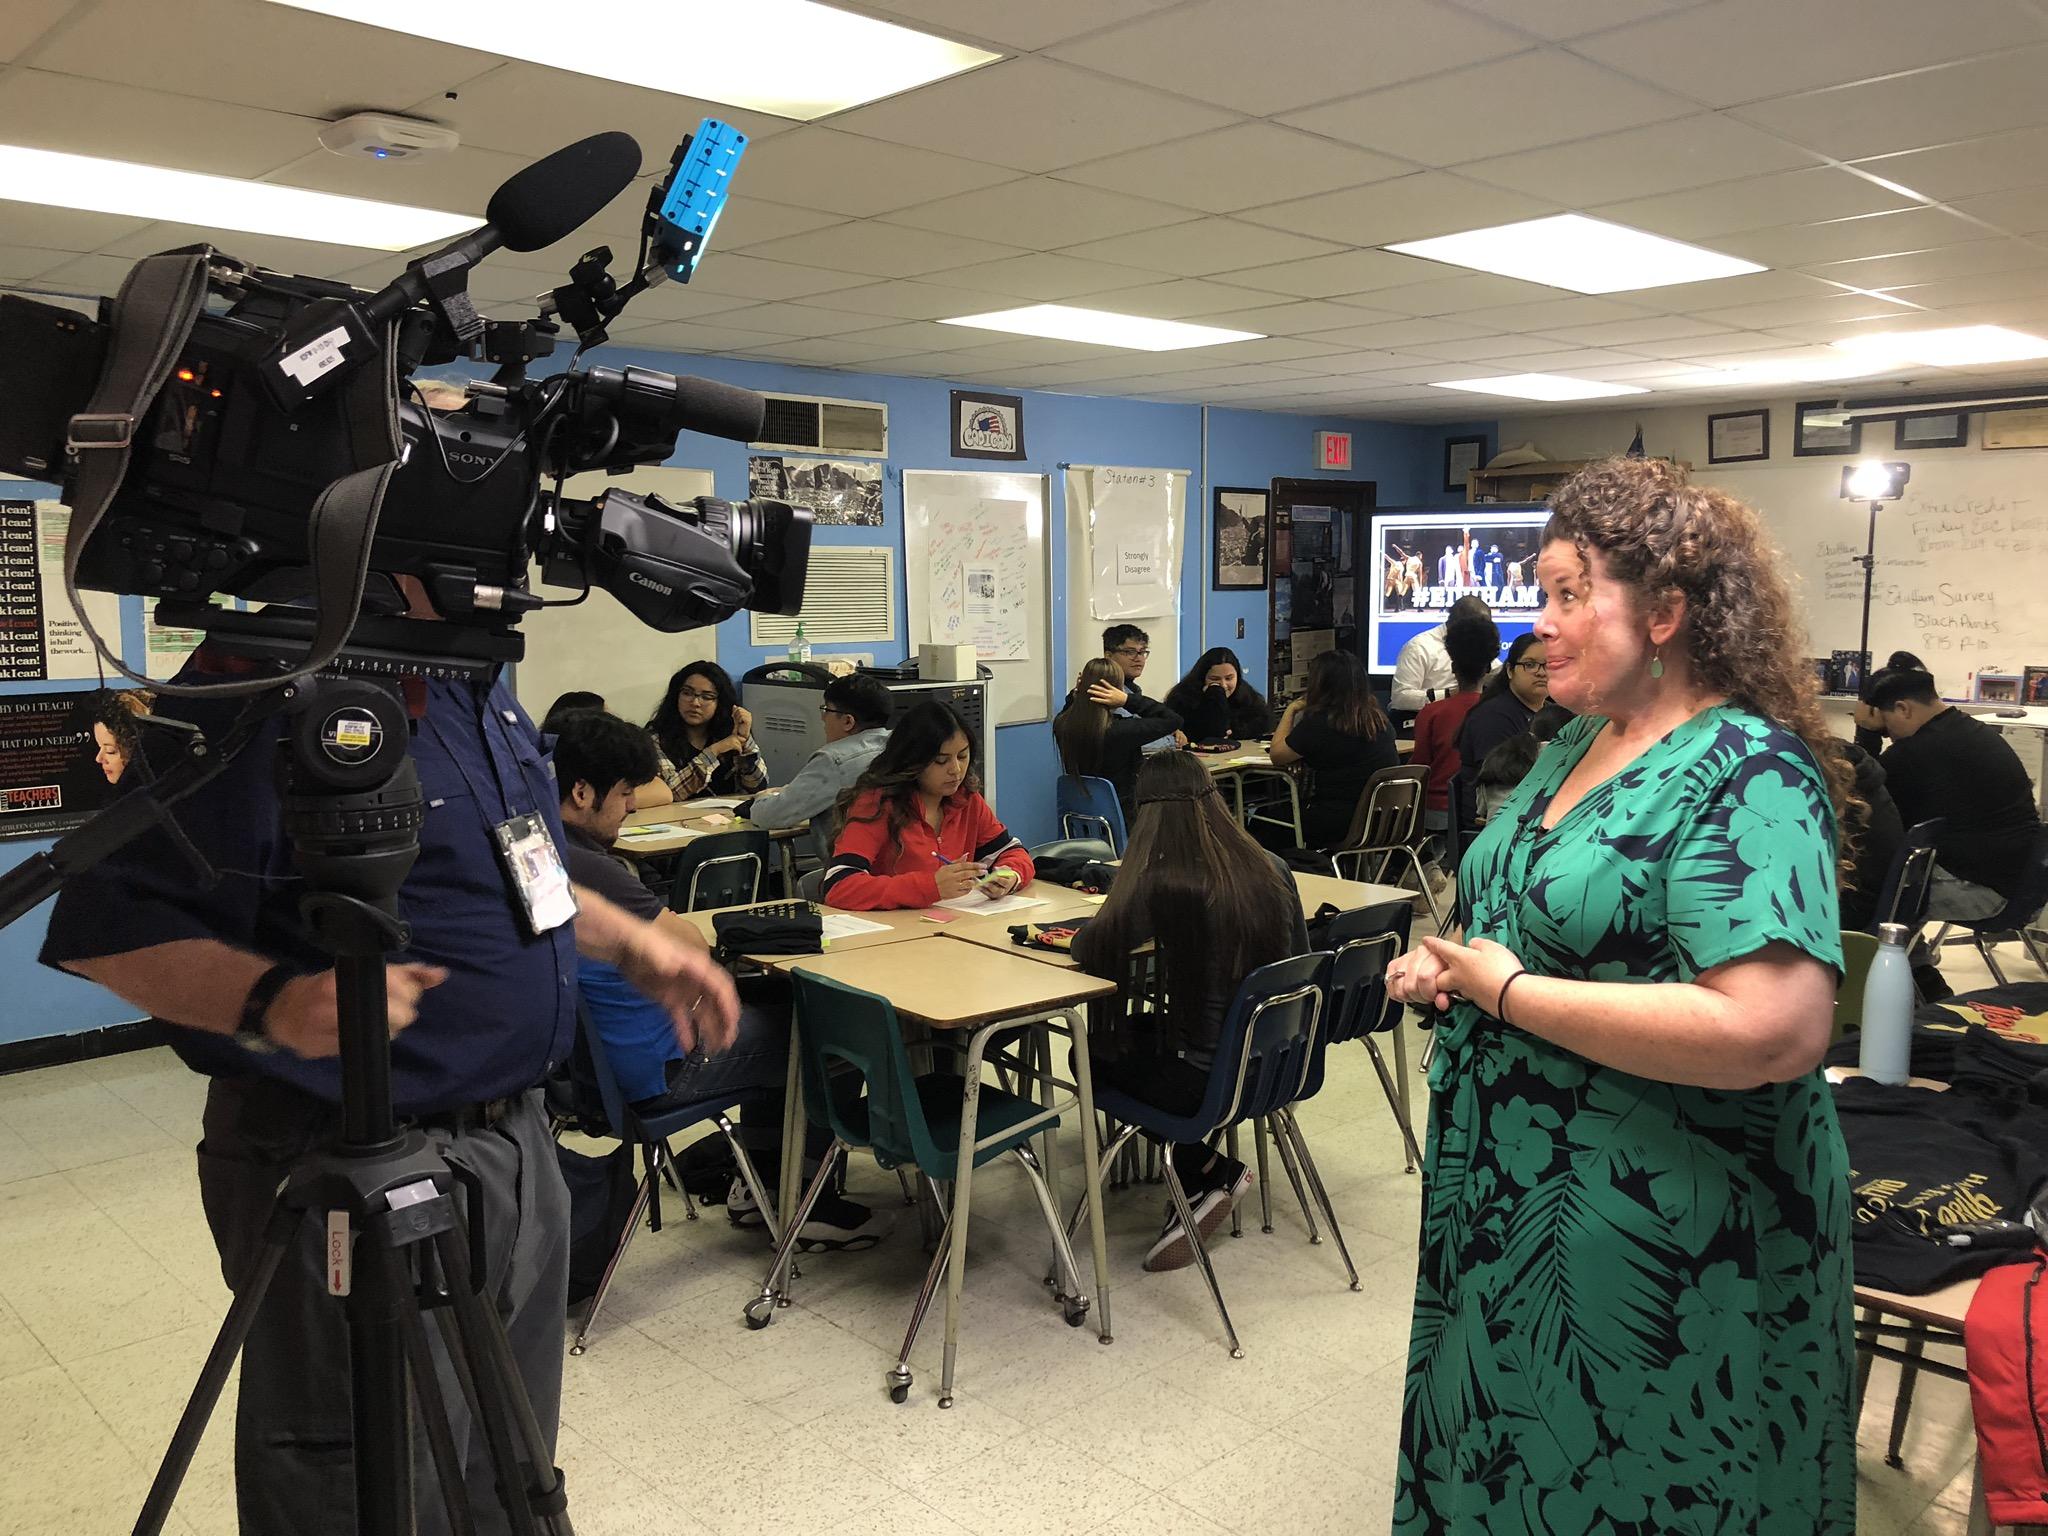 KDFW-TV interviews a teacher at Thomas Jefferson High School for EduHam.